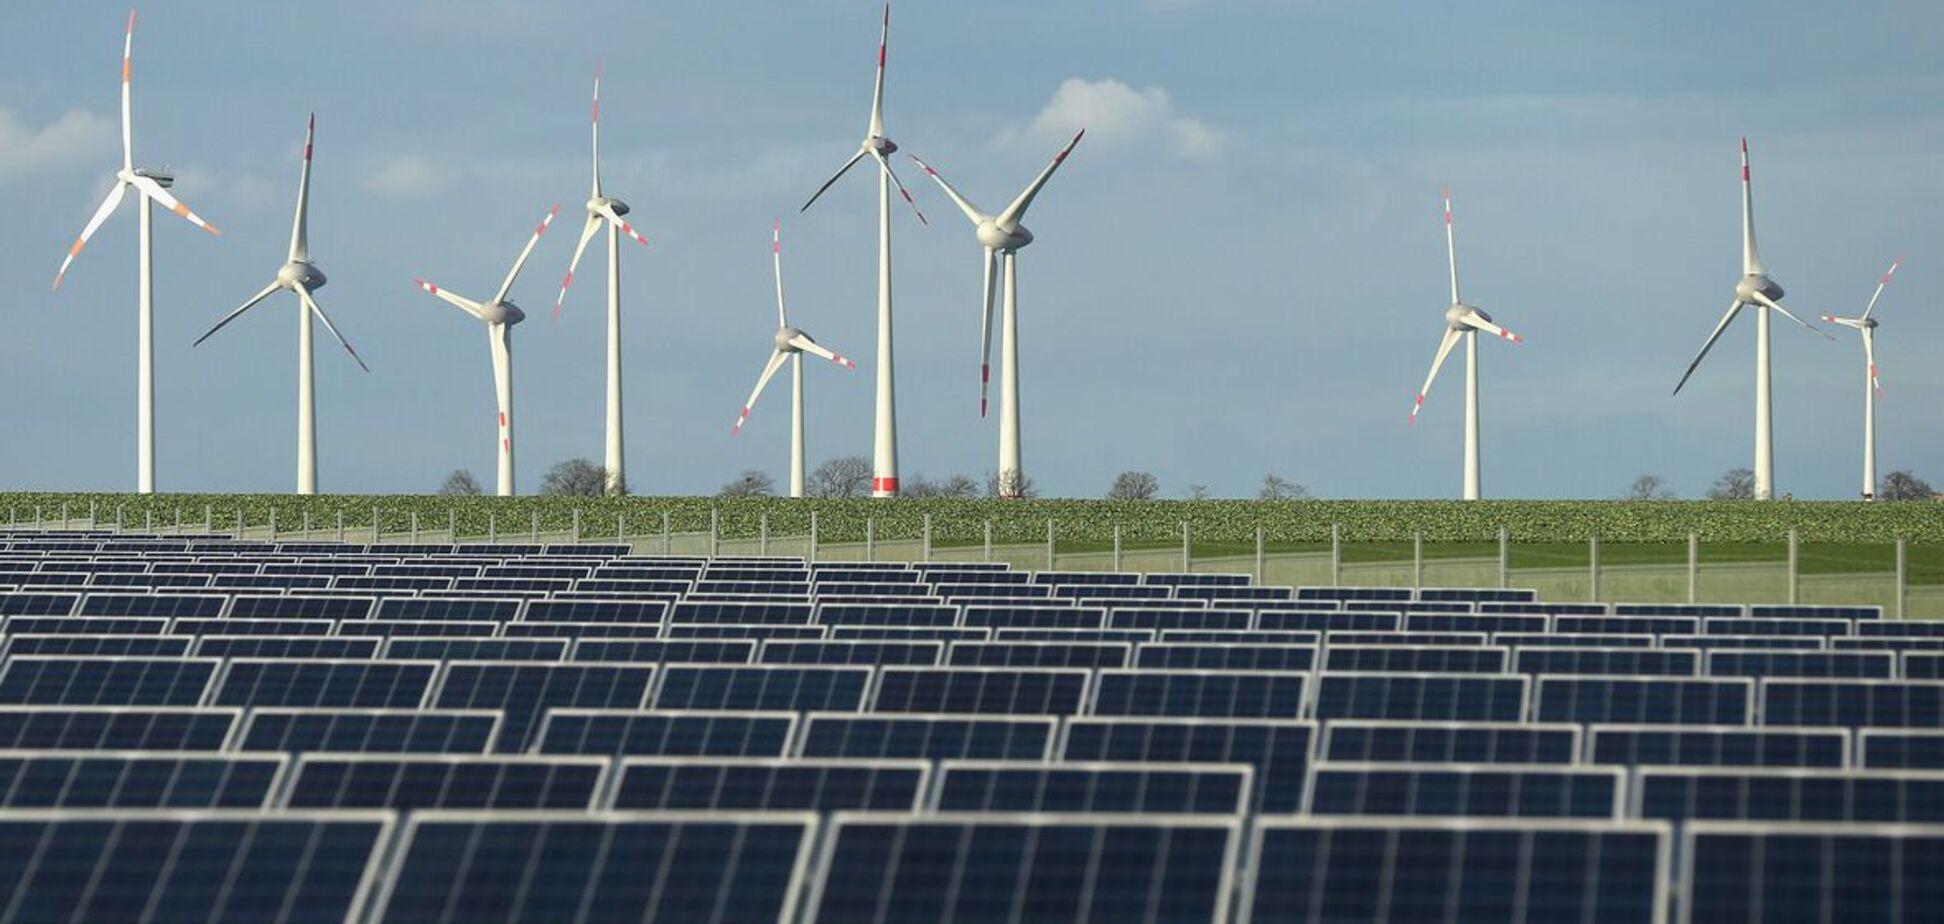 9 компаний приобрели 'зеленую' энергию менее чем за 1,4 грн за кВт-ч